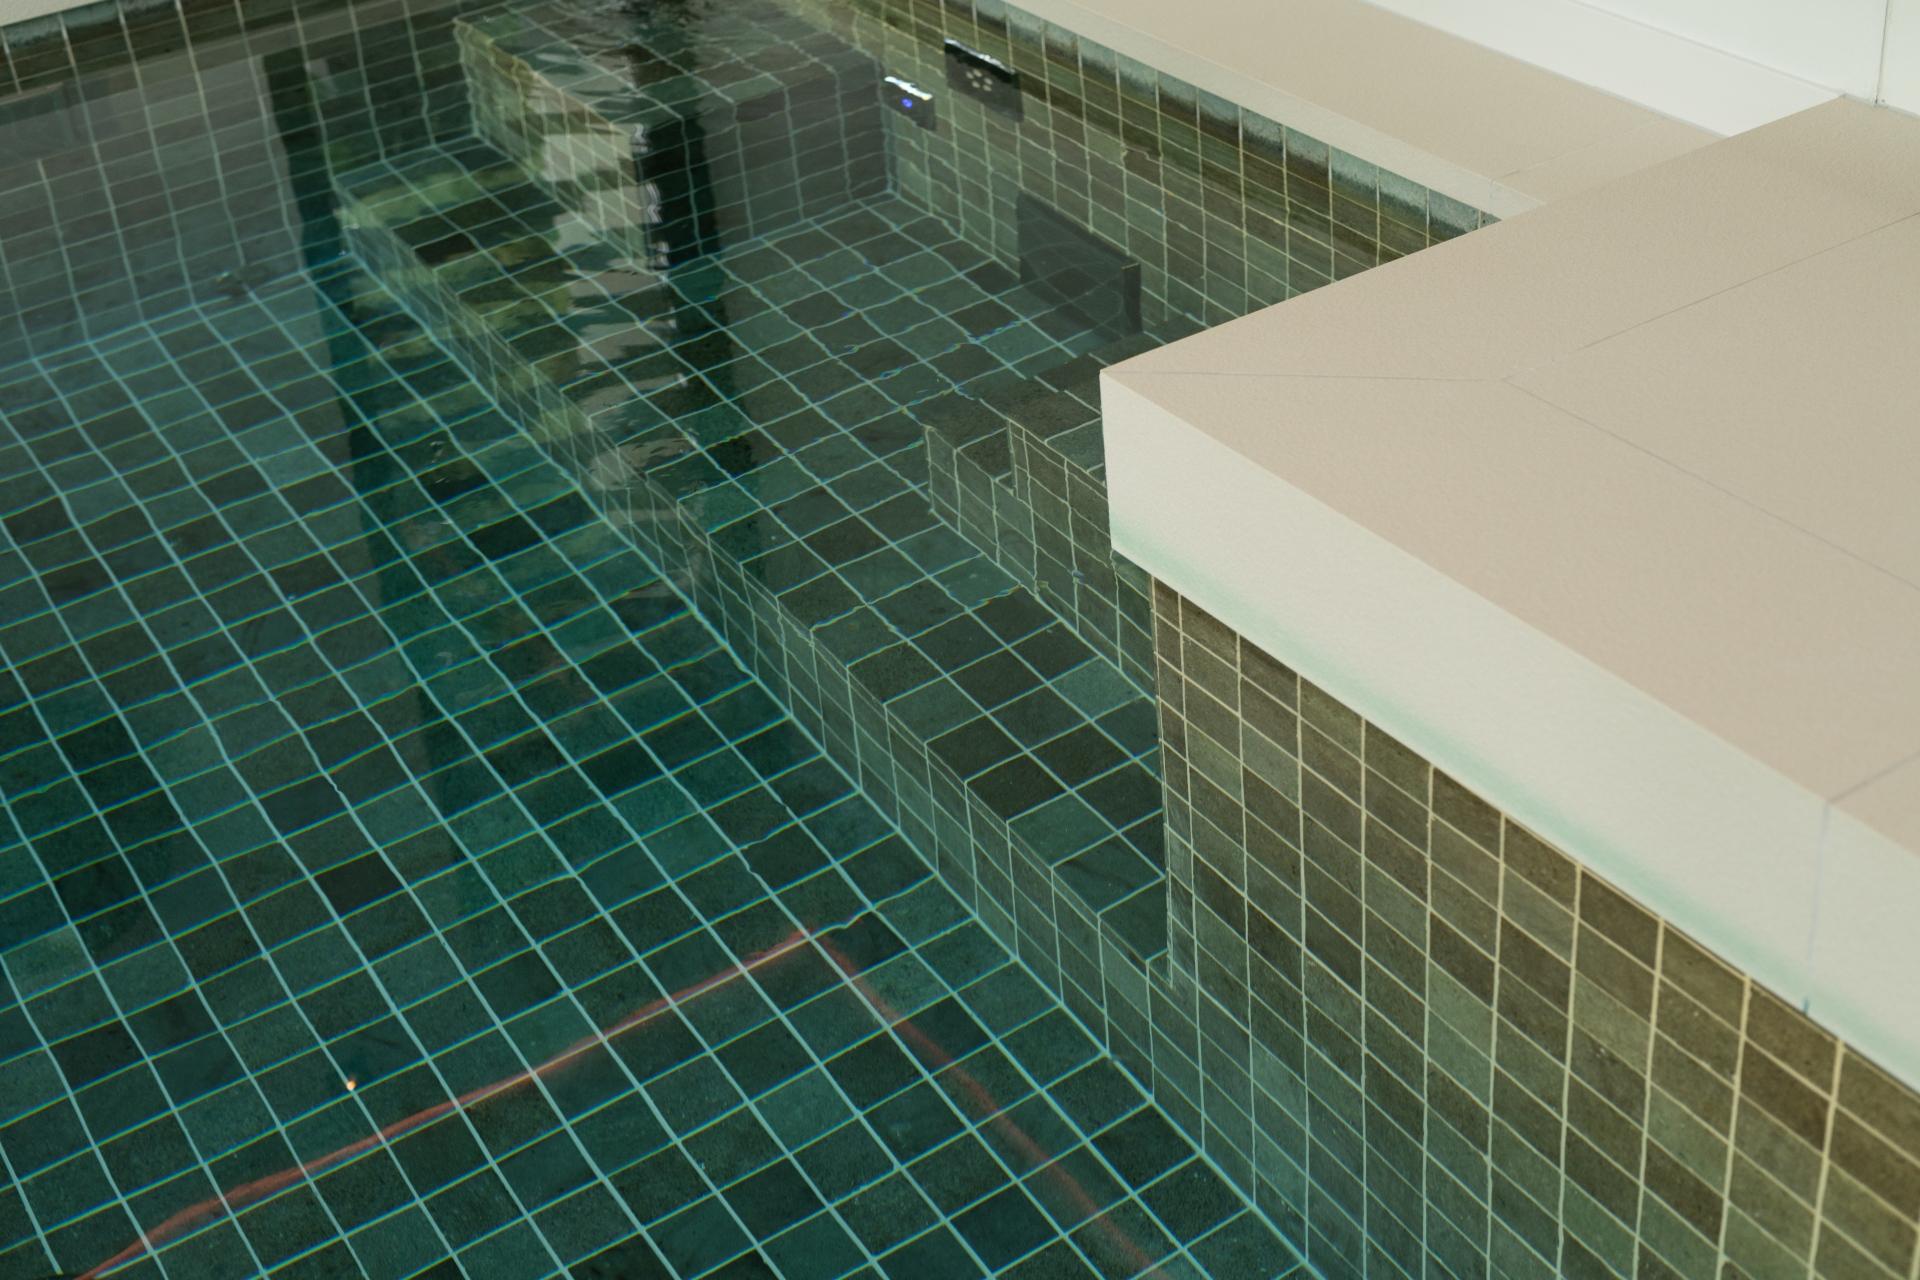 Bouwkundig zwembad met kleine tegels in de kleur groen blauw